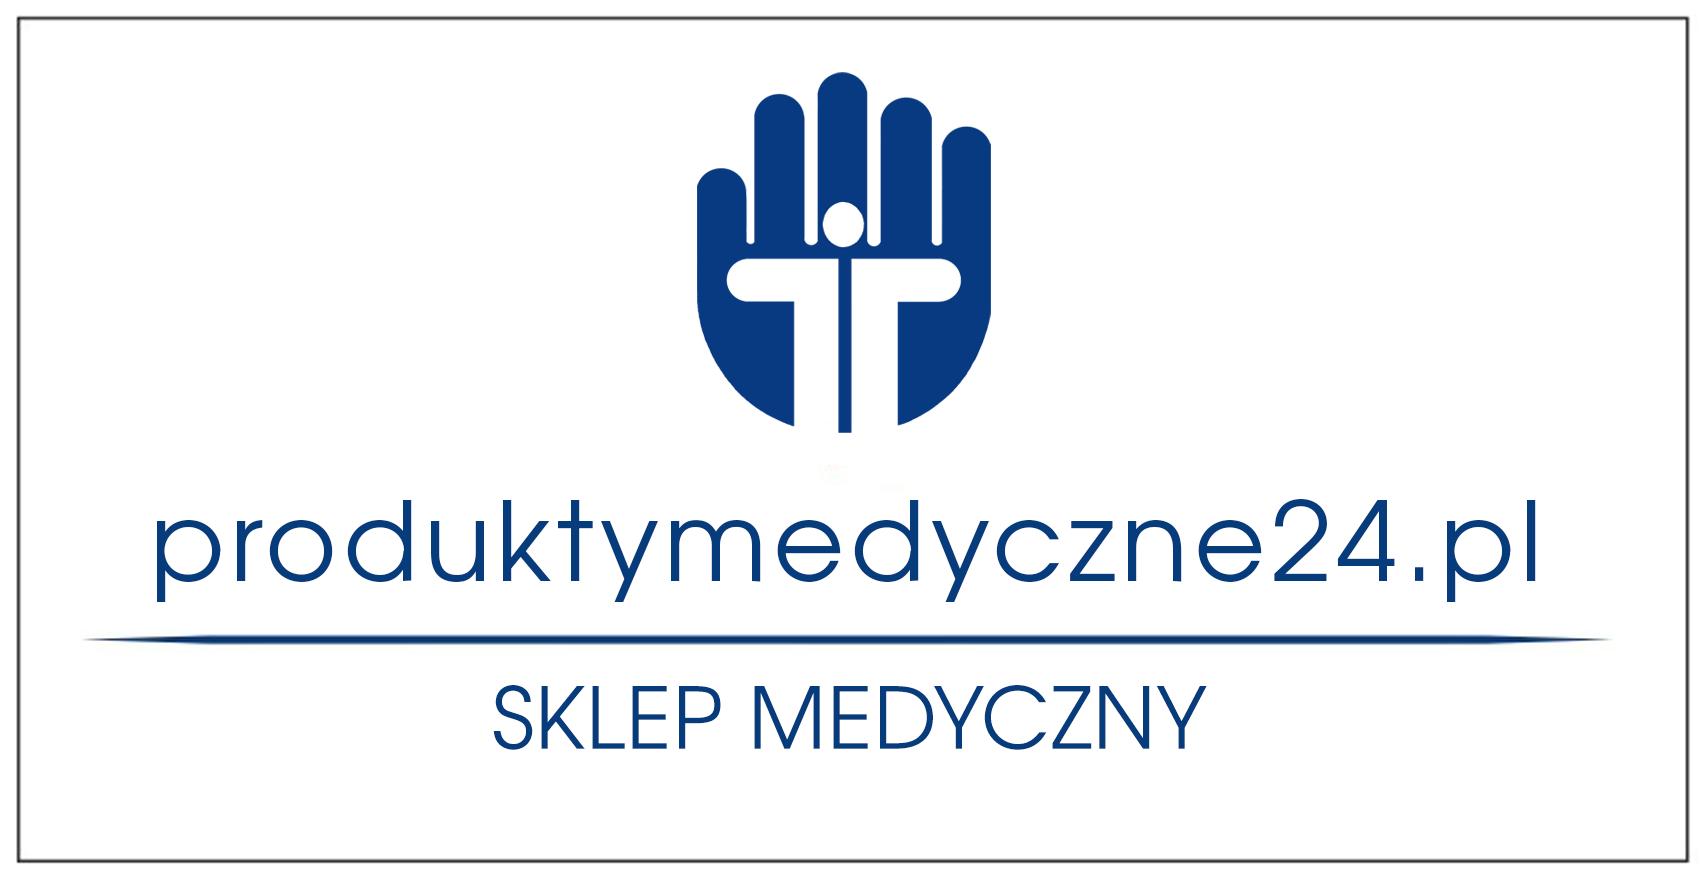 produktymedyczne.pl